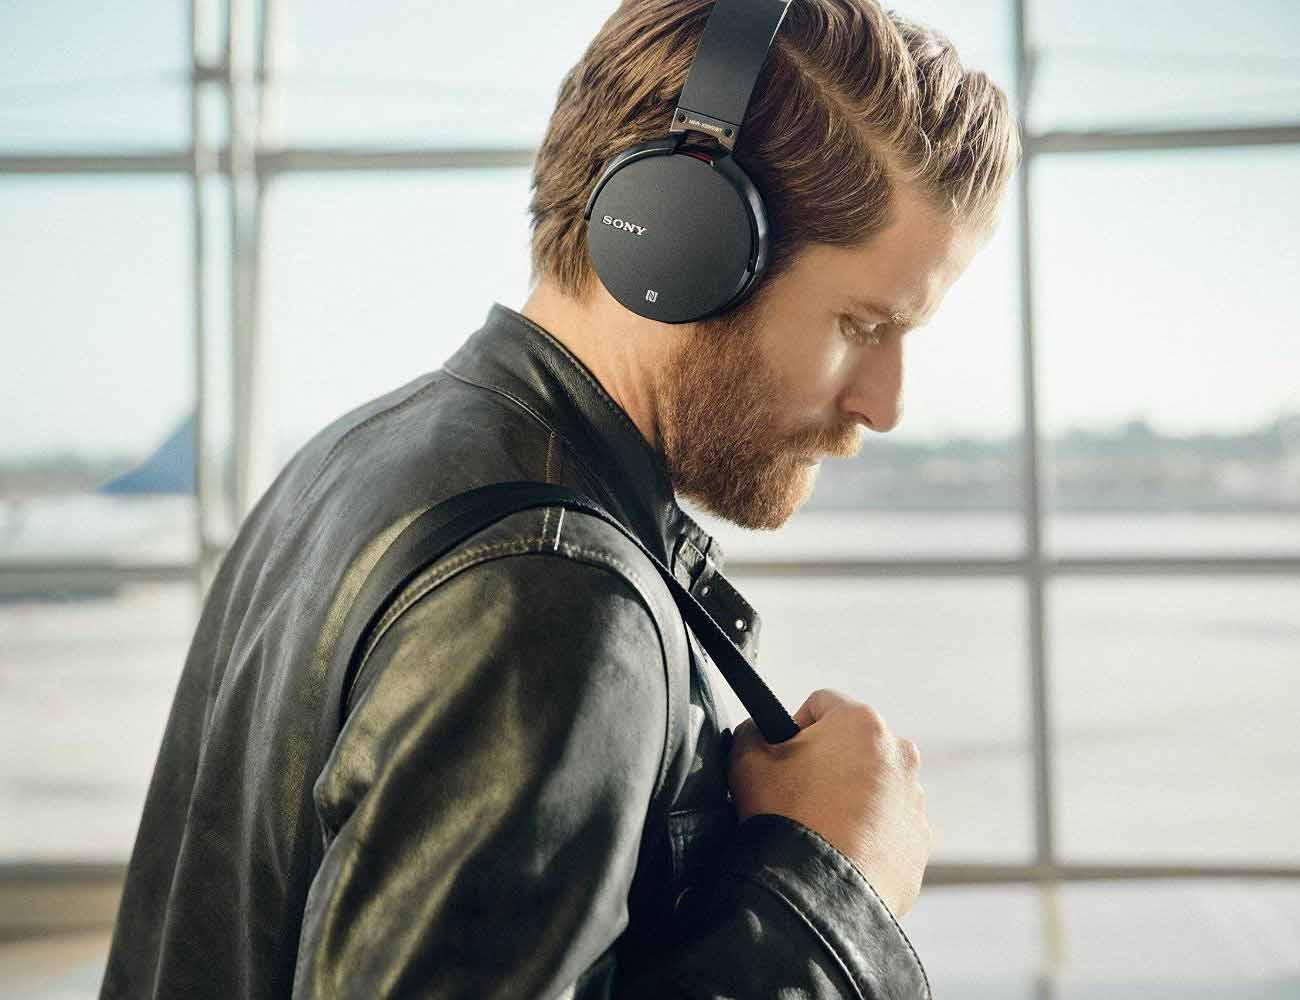 Sony MDR-XB950 Extra Bass Wireless Headset